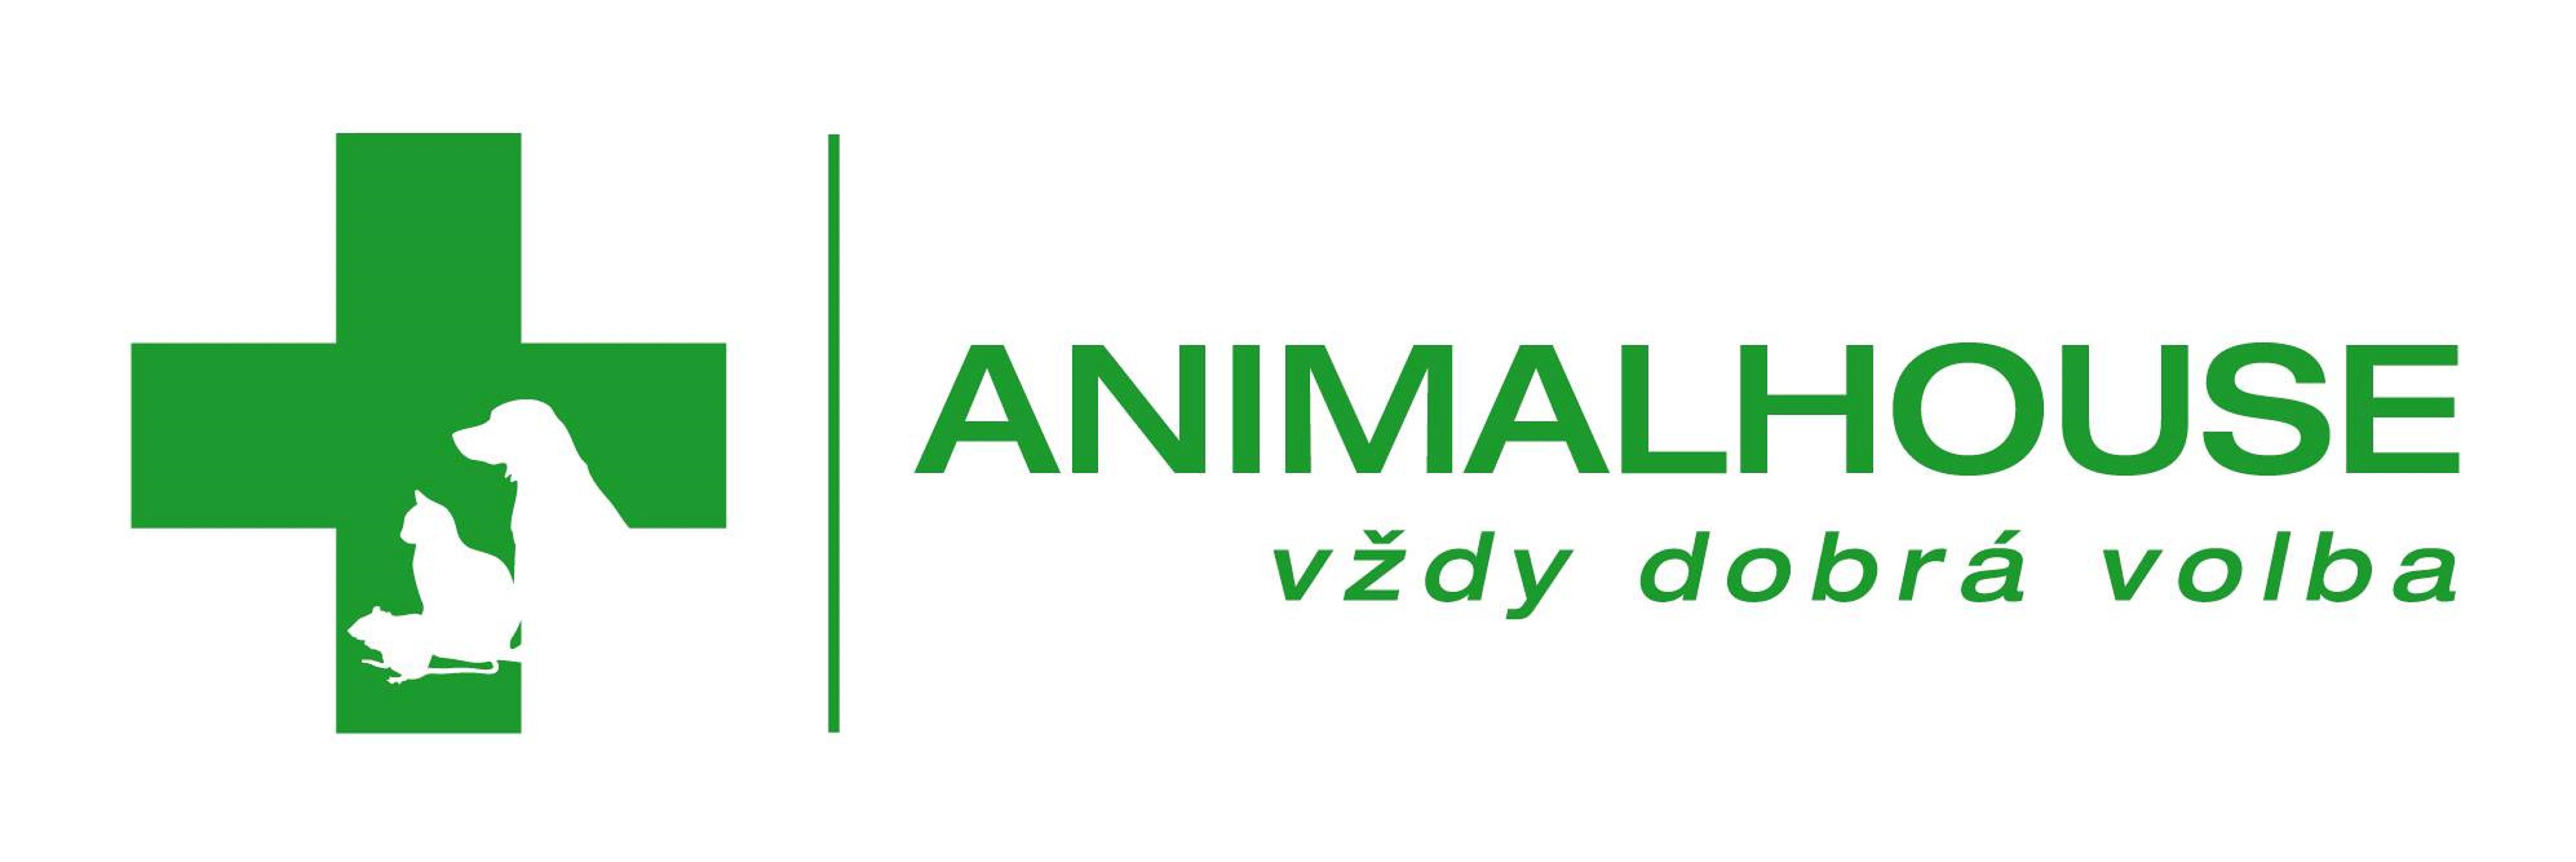 Animalhouse.cz